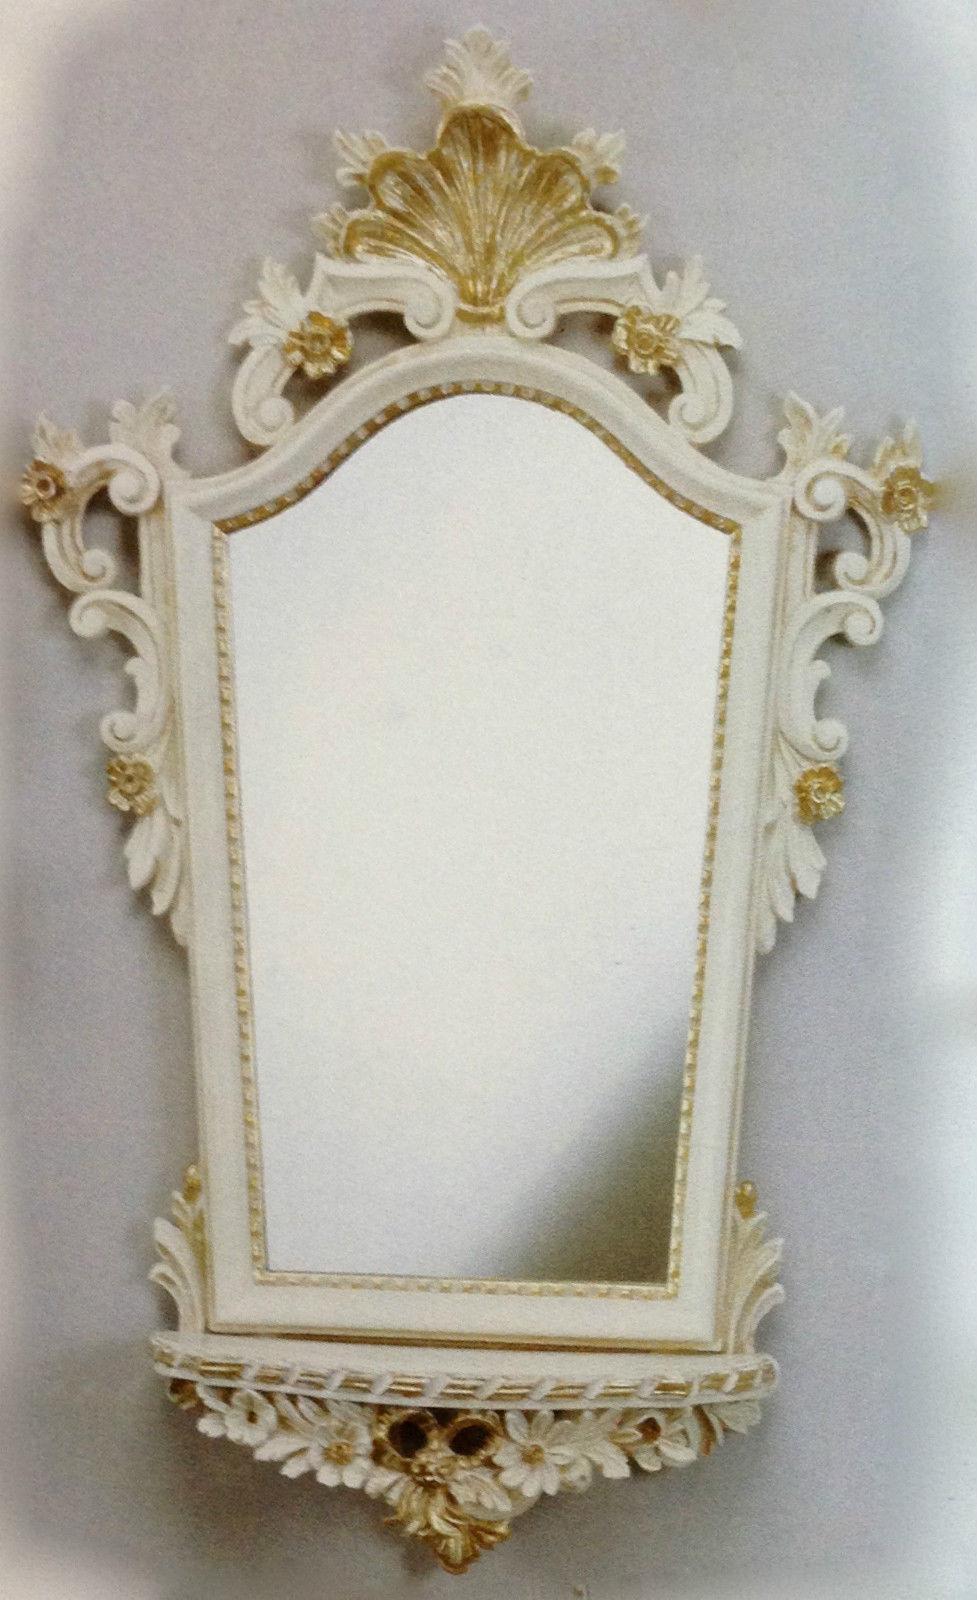 wandspiegel barock mit konsole wei gold spiegel ablage antik 78x50 oval cp93 kaufen bei. Black Bedroom Furniture Sets. Home Design Ideas